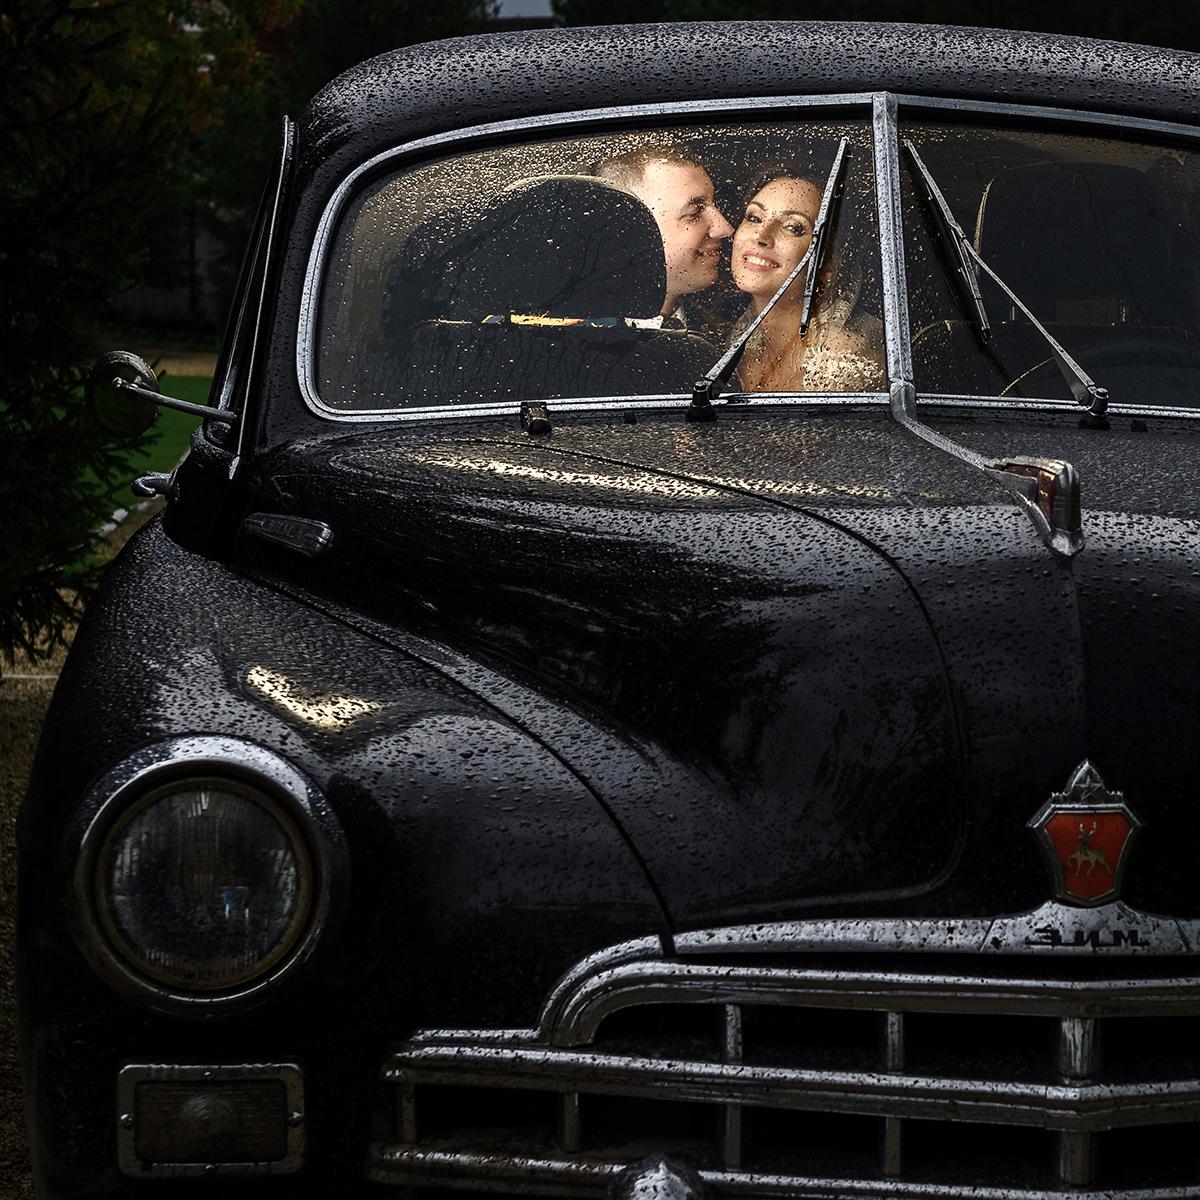 свадебный фотограф с 2015 года работает в Новосибирске